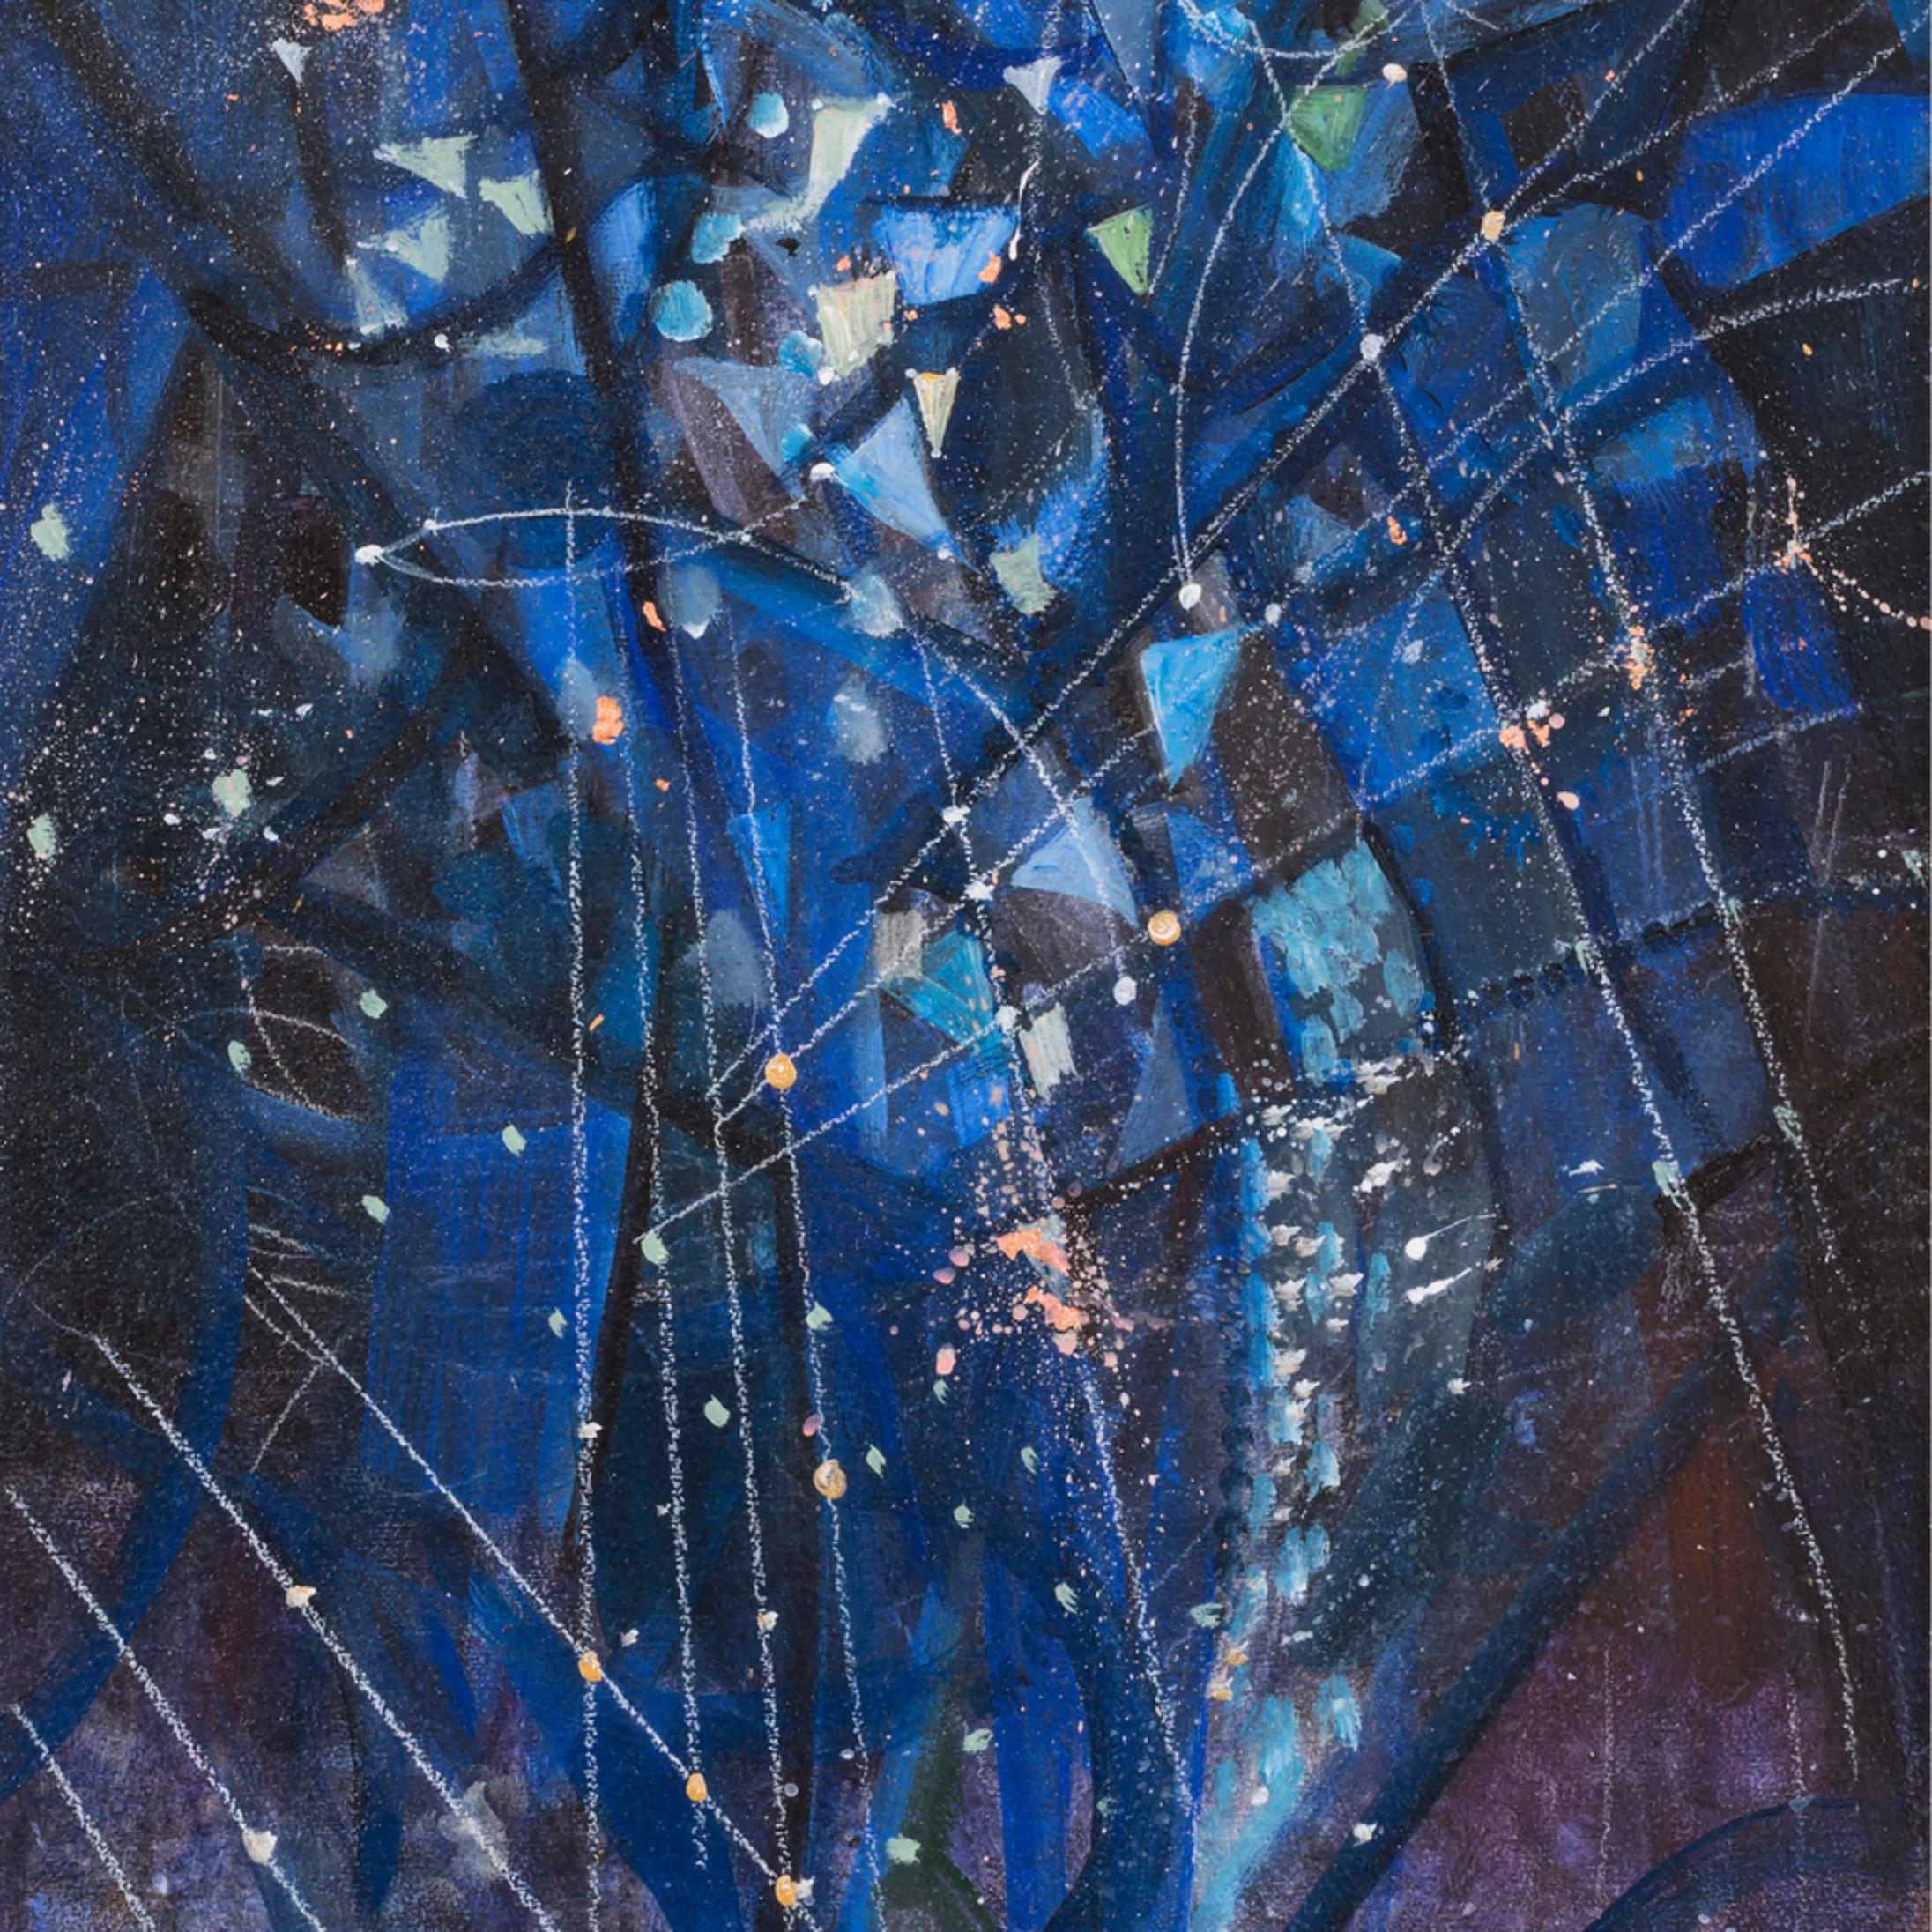 Crescendo in blue m1xgmp